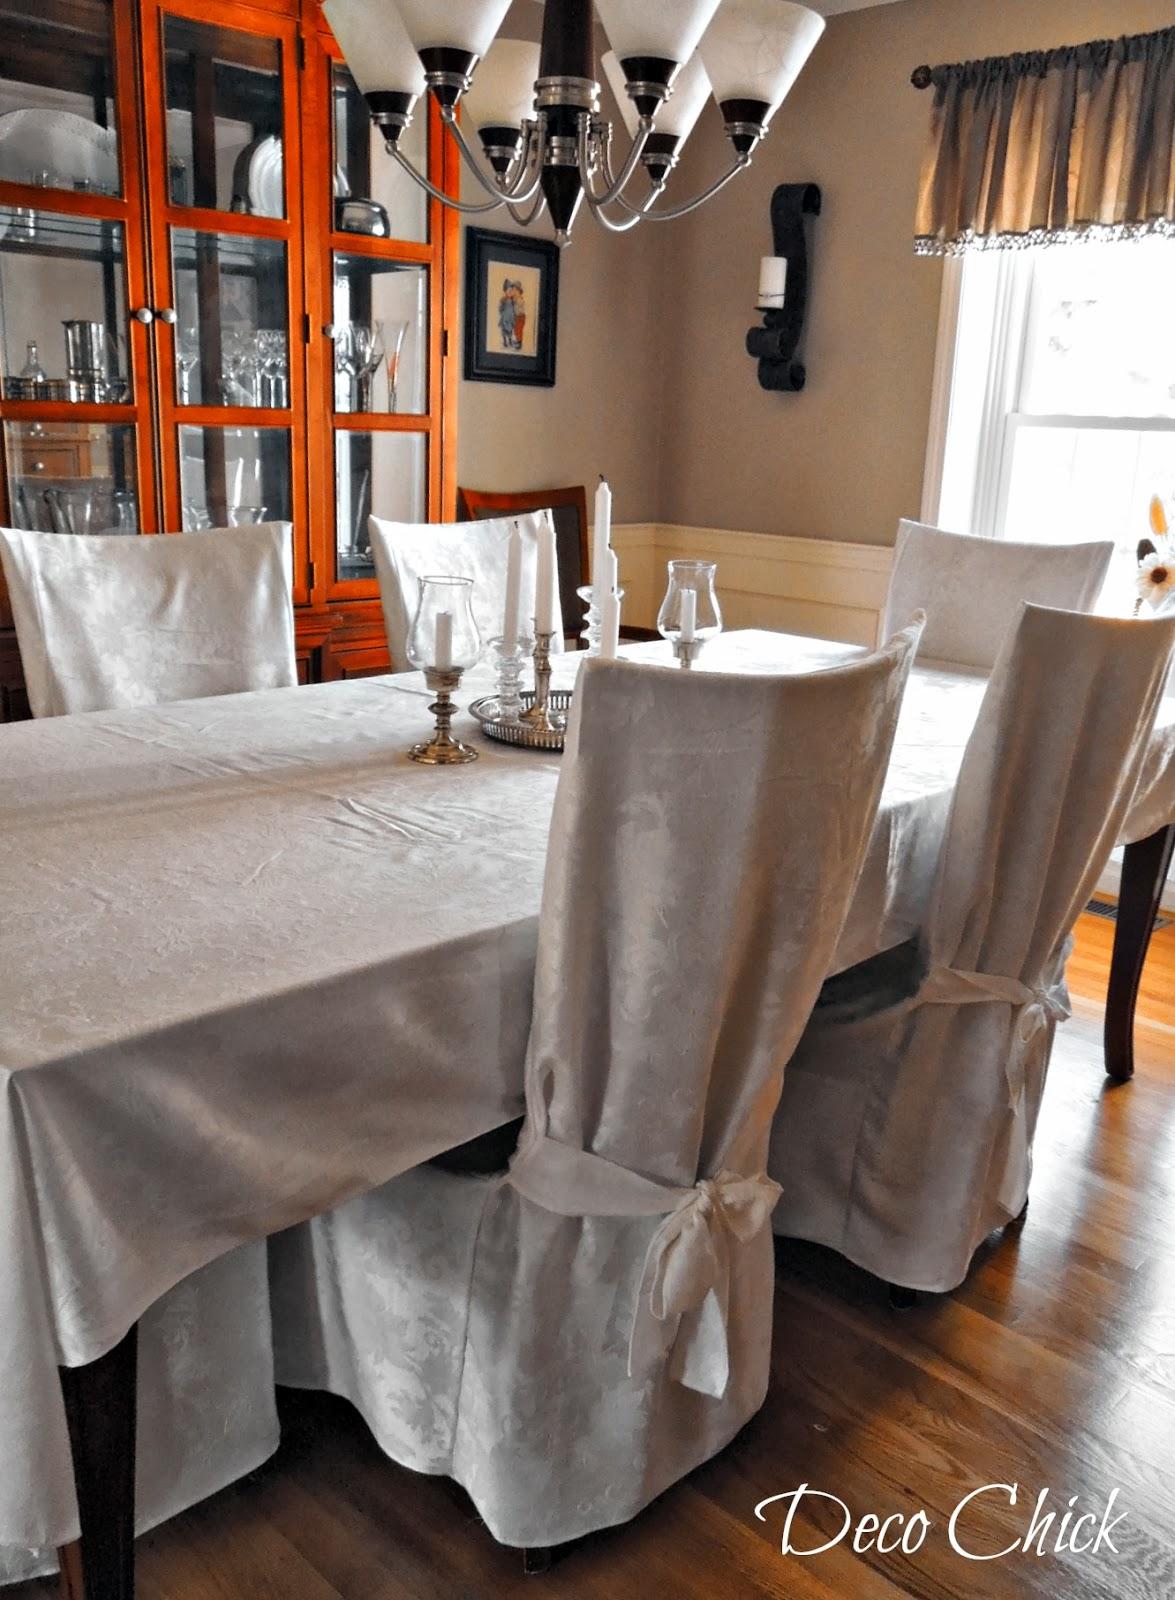 slipcover in dining room